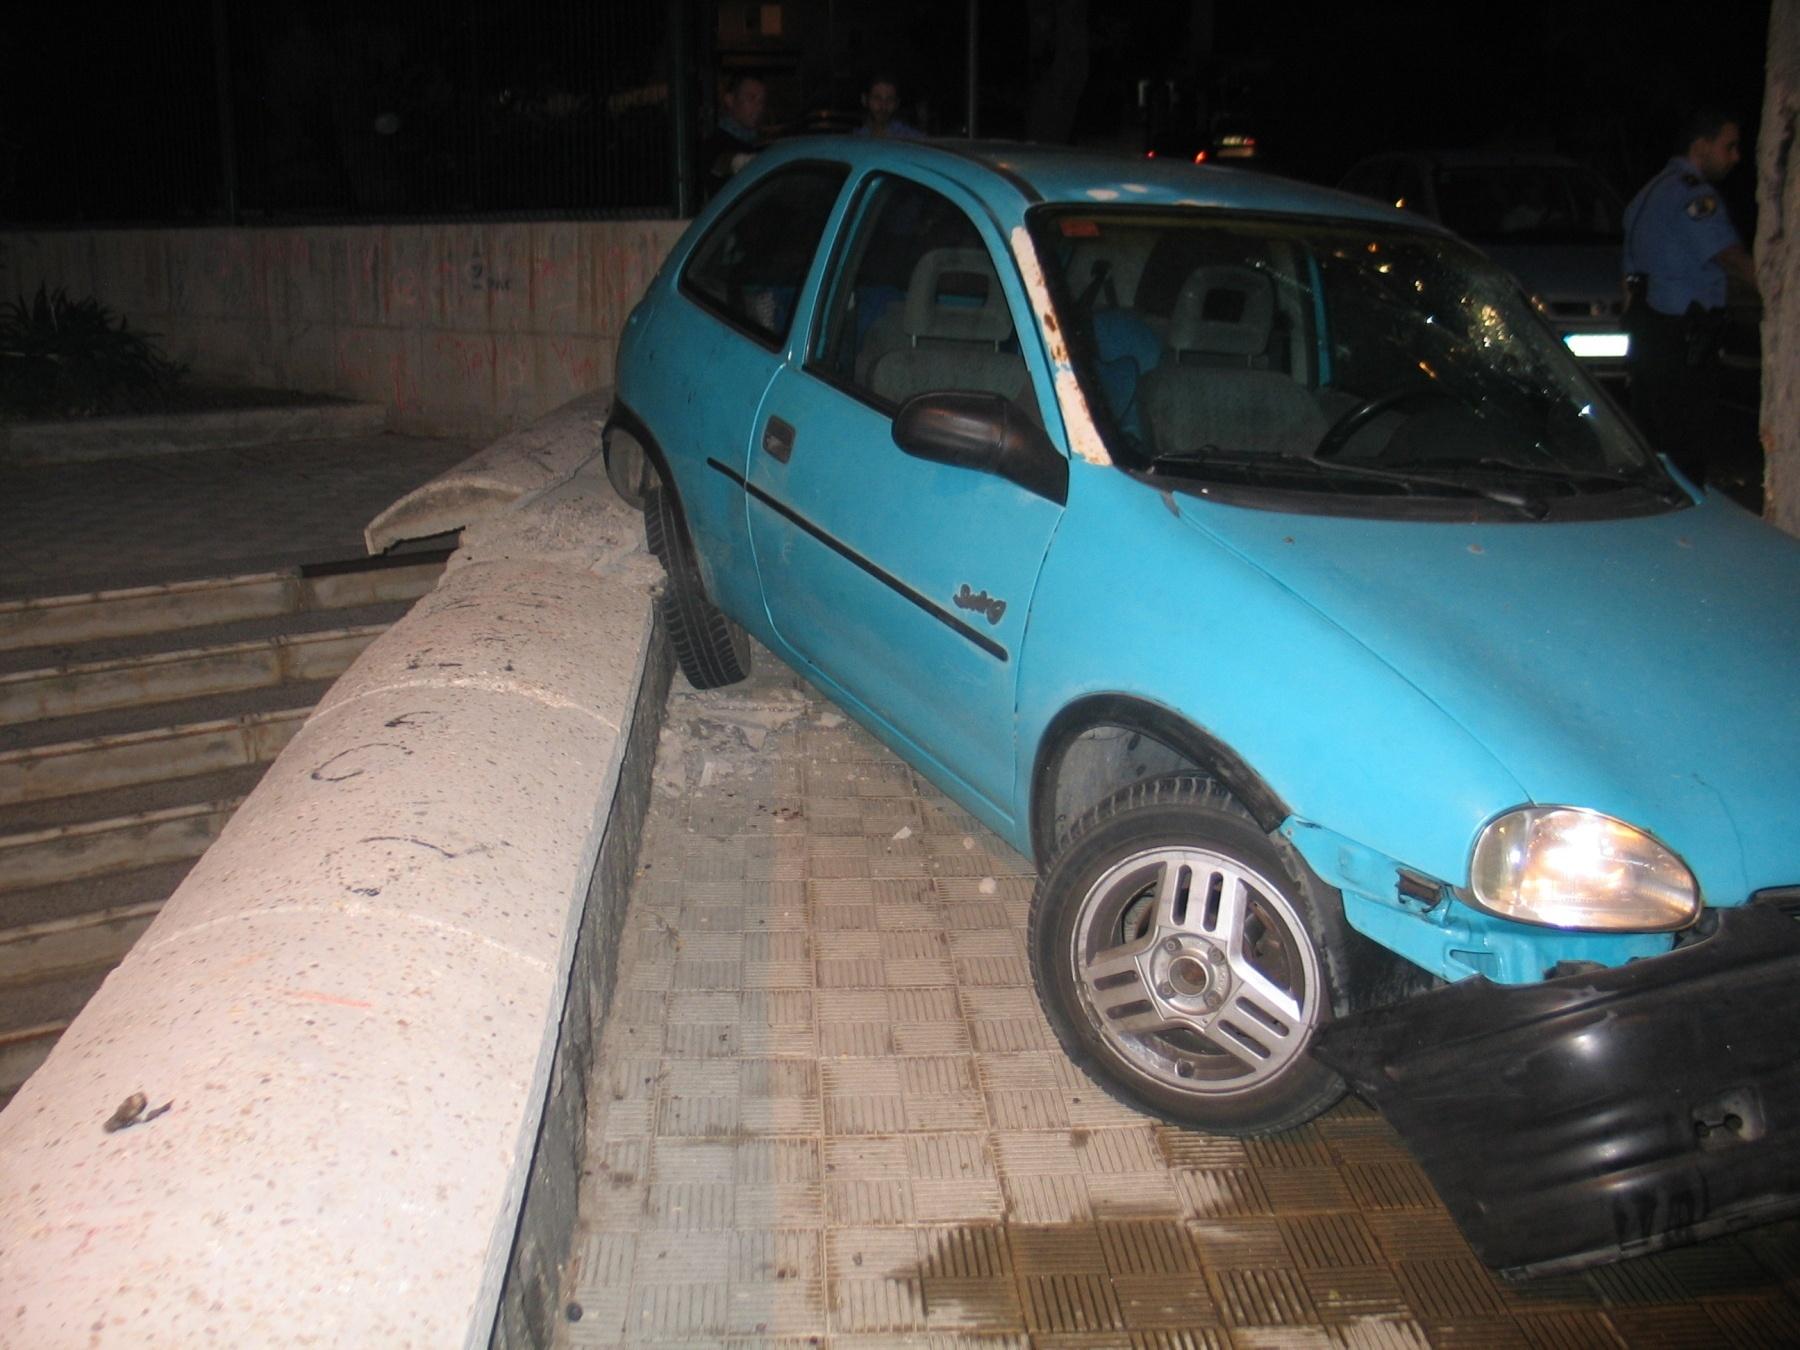 El 061 atendió a 103 personas por 73 accidentes de tráfico en el Puente de las Letras Galegas, de las que 2 fallecieron